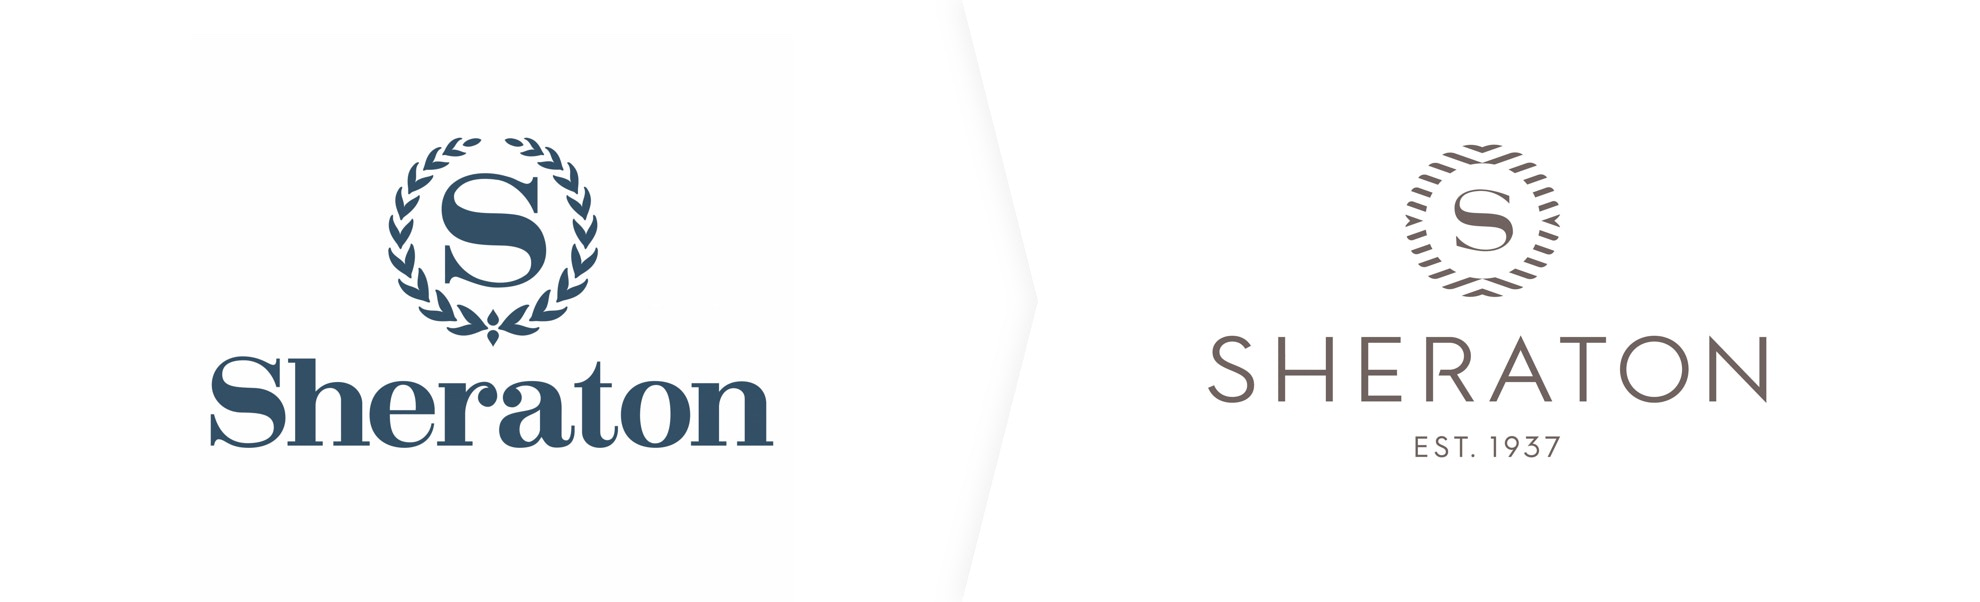 stare i nowe logo Sheratona